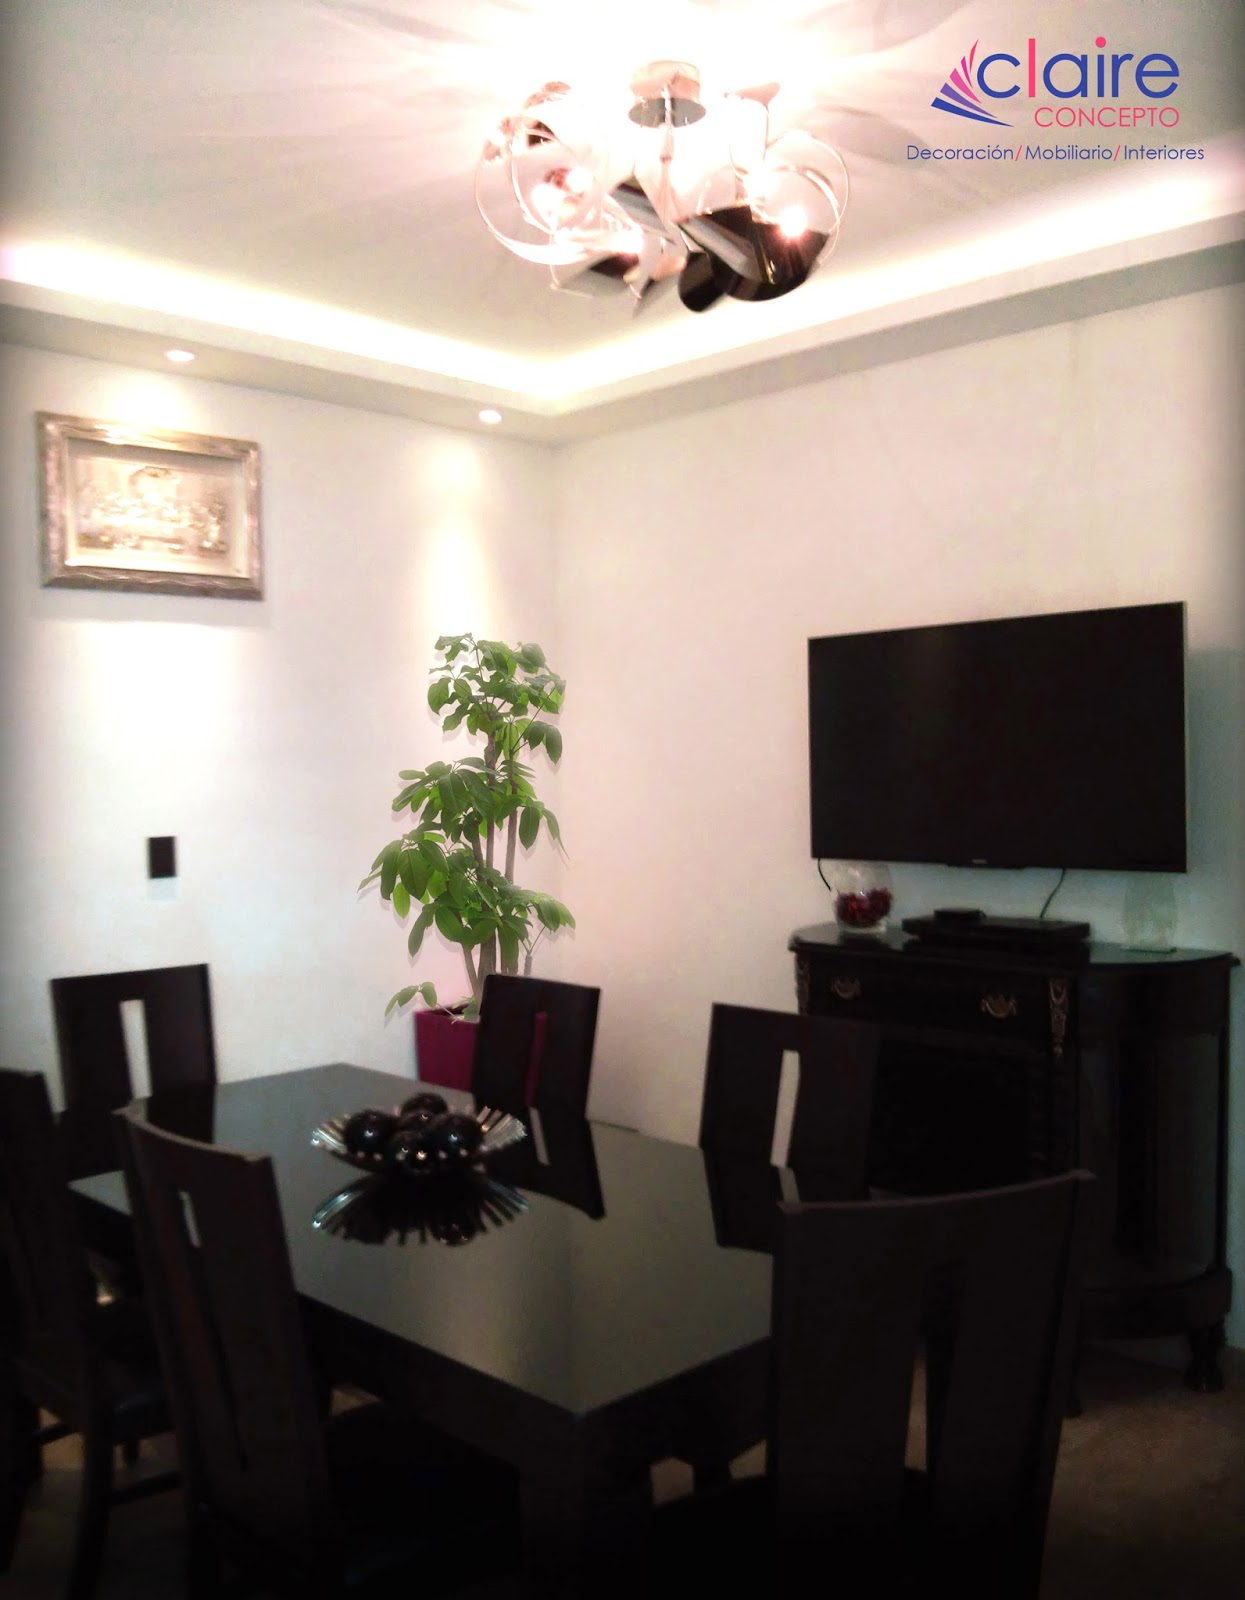 Remodelaci n de casas plafones de tablaroca muebles - Muros decorativos para interiores ...